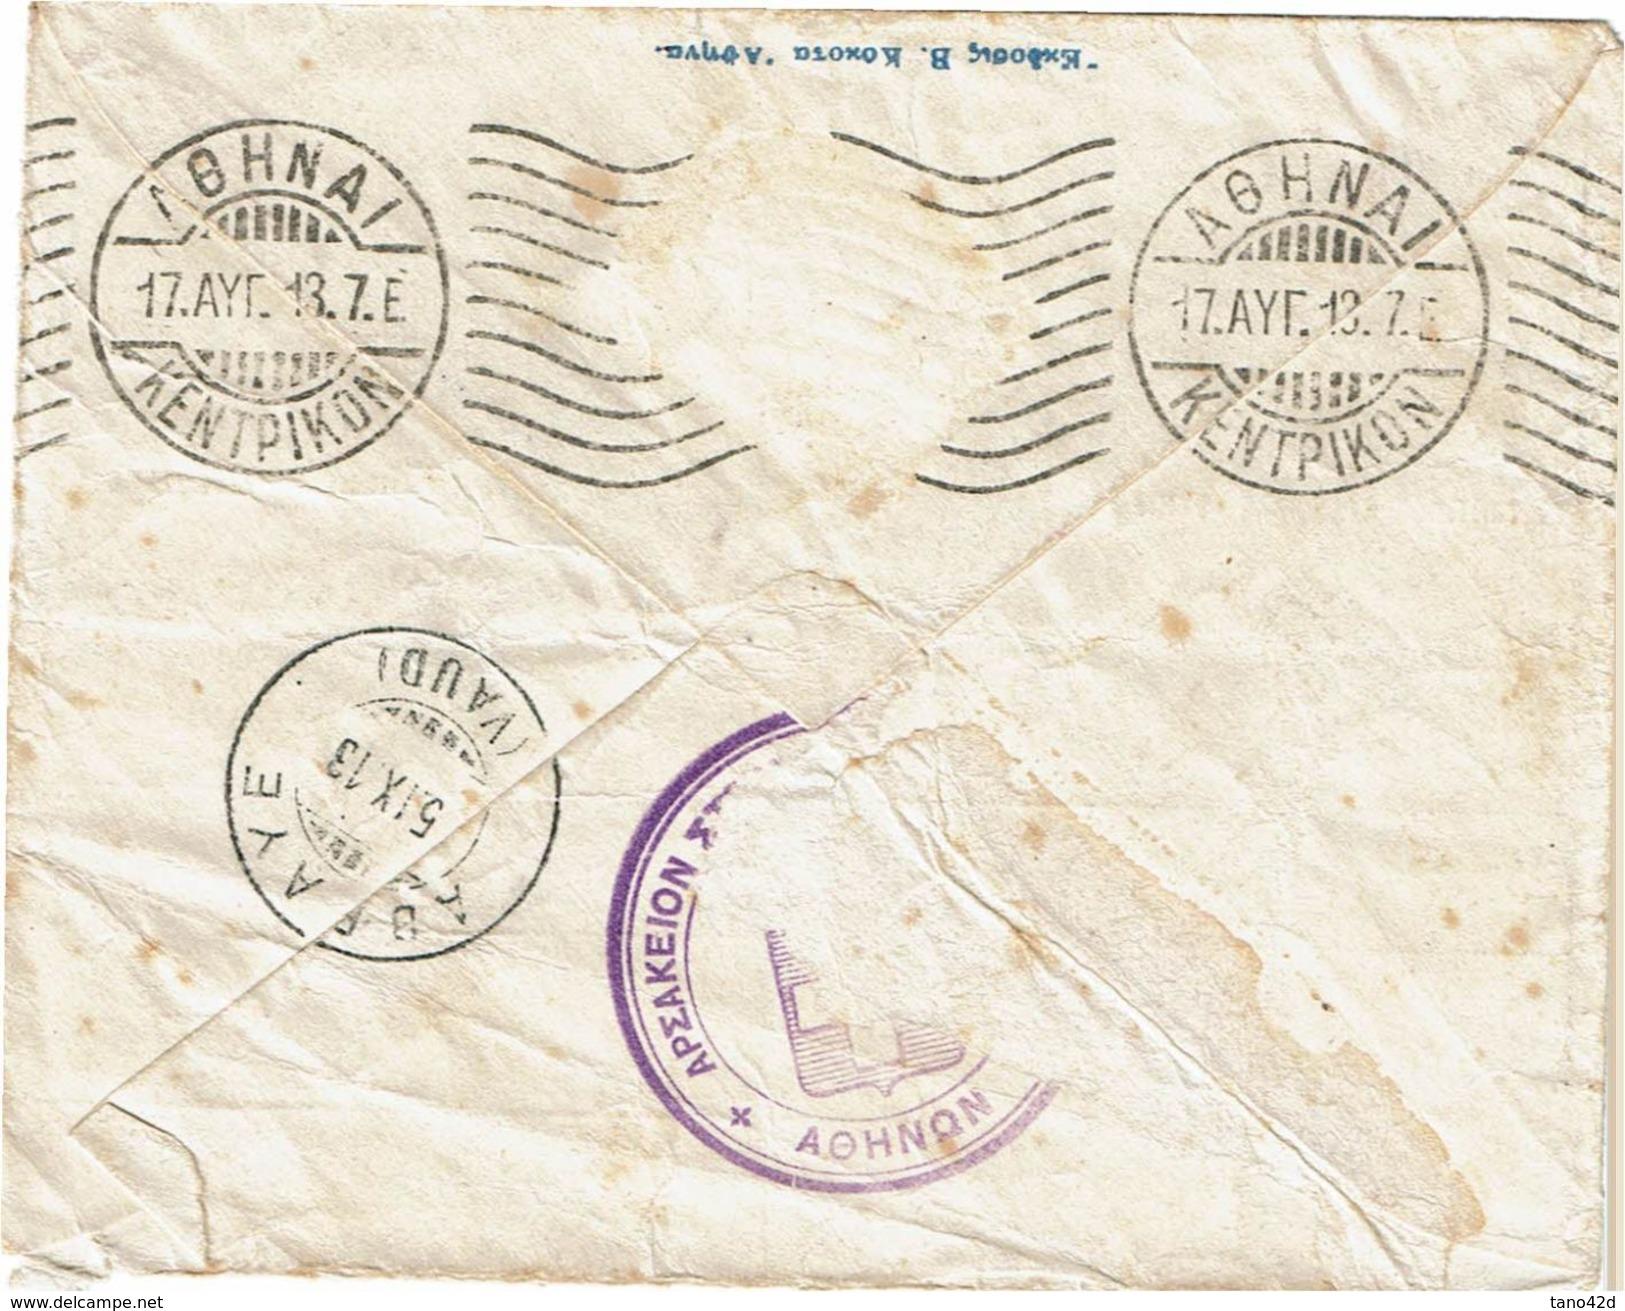 LBR39 - GRECE ENVELOPPE AVEC REPIQUAGE DE PROPAGANDE POLITIQUE CIRCULEE TPM ENLEVE - Lettres & Documents